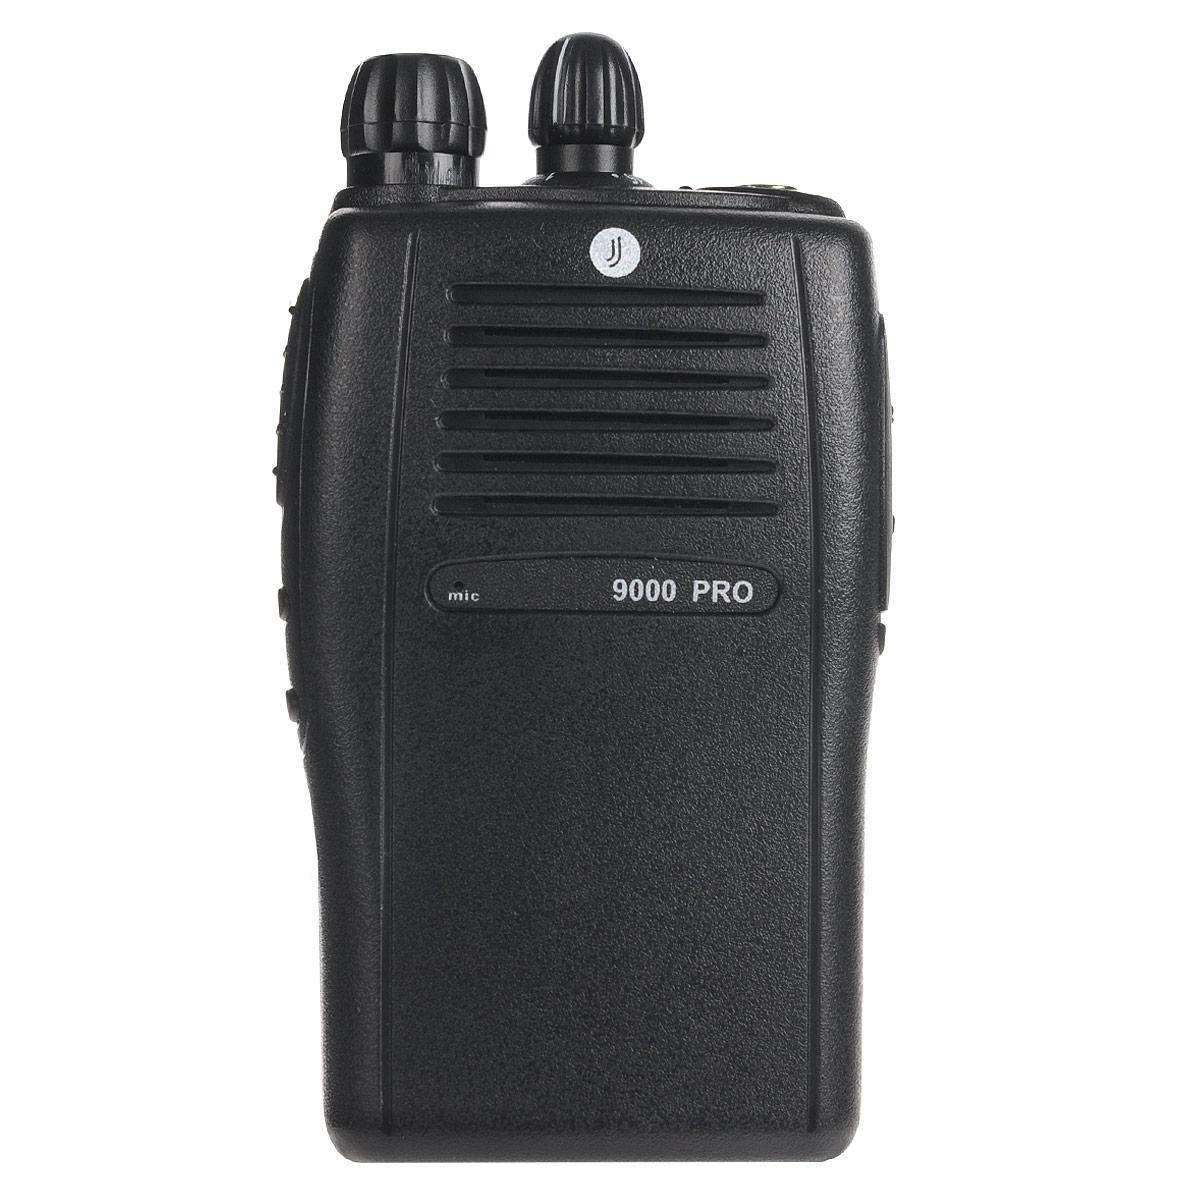 Радиостанция JJ-Connect 9000 PROWTF 735JJ-Connect 9000 PRO проста в эксплуатации и отлично подойдет для сотрудников охранных агентств или для использования на строительном объекте, Вы всегда можете рассчитывать на высокое качество связи и надежность. Радиостанция JJ-Connect 9000 PRO относится к универсальному классу - она может работать как в LPD, так и в PMR диапазоне. Рация имеет 16 программируемых каналов. Обладает прочным и долговечным корпусом. Радиостанция поддерживает функцию VOX (управляемое голосом начало трансляции) и отлично работает вместе с гарнитурами hands-free. Также Вы можете выбирать между режимами высокой/низкой мощности и осуществлять сканирование/мониторинг с отсечкой загруженных каналов. Переключаемые режимы уровня мощности; Сканирование/мониторинг каналов; 16 программируемых каналов памяти; Функция VOX; Поддержка гарнитур hands-free; Прочный водозащищенный корпус.